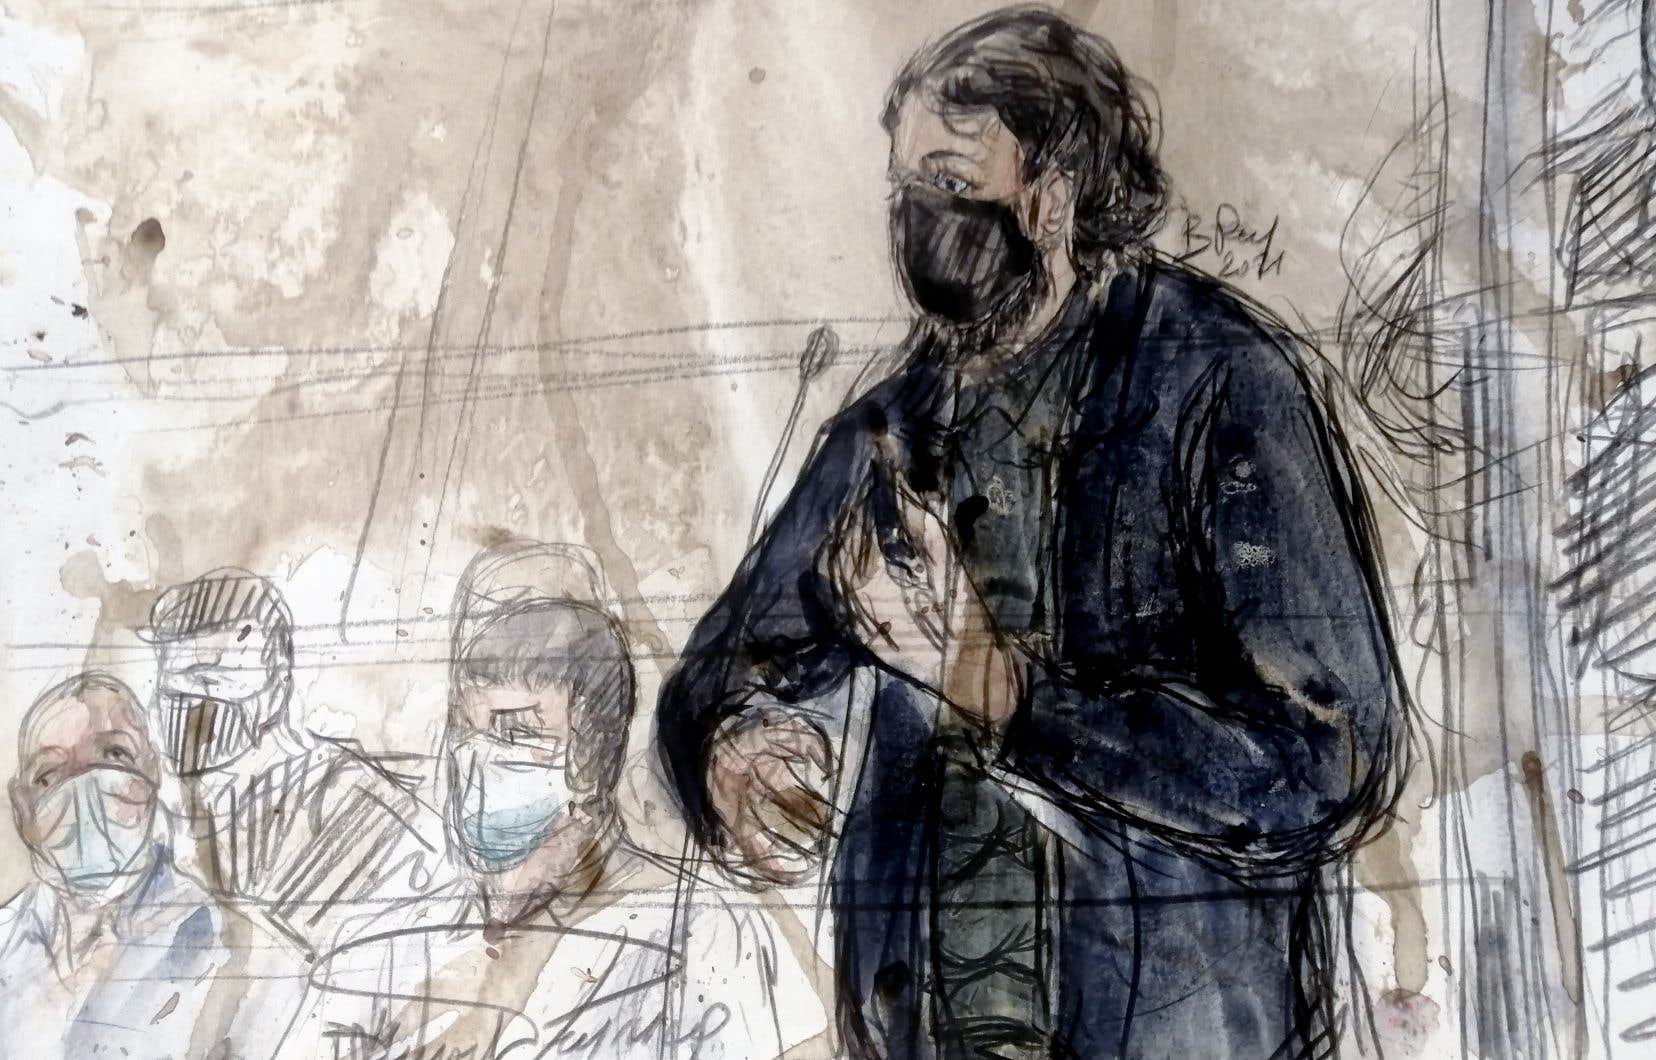 Croquis montrant (de gauche à droite) les coaccusés Mohamed Amri et Mohamed Abrini flanqués de Salah Abdeslam, le principal suspect des attentats de Paris du 13 novembre 2015, lors du procès des attentats de novembre 2015 à Paris